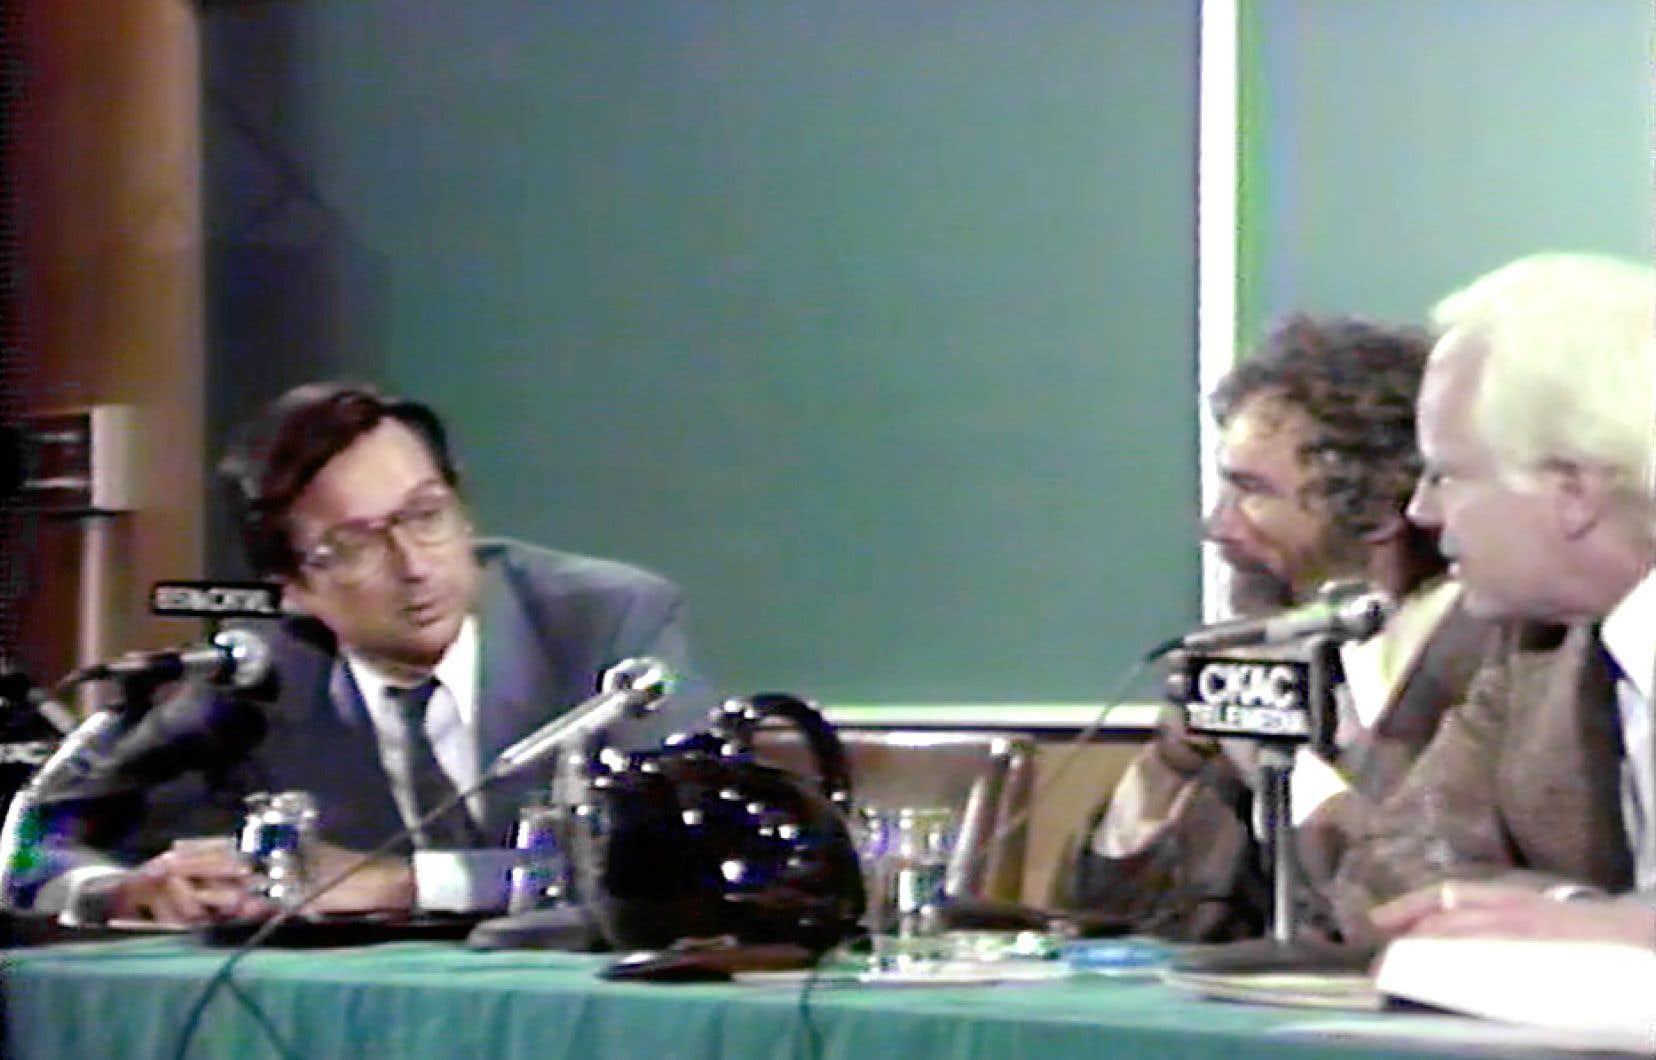 La captation vidéo du débat entre Robert Bourassa et Pierre Bourgault a été retrouvée par deux bibliothécaires de l'Université de Montréal.